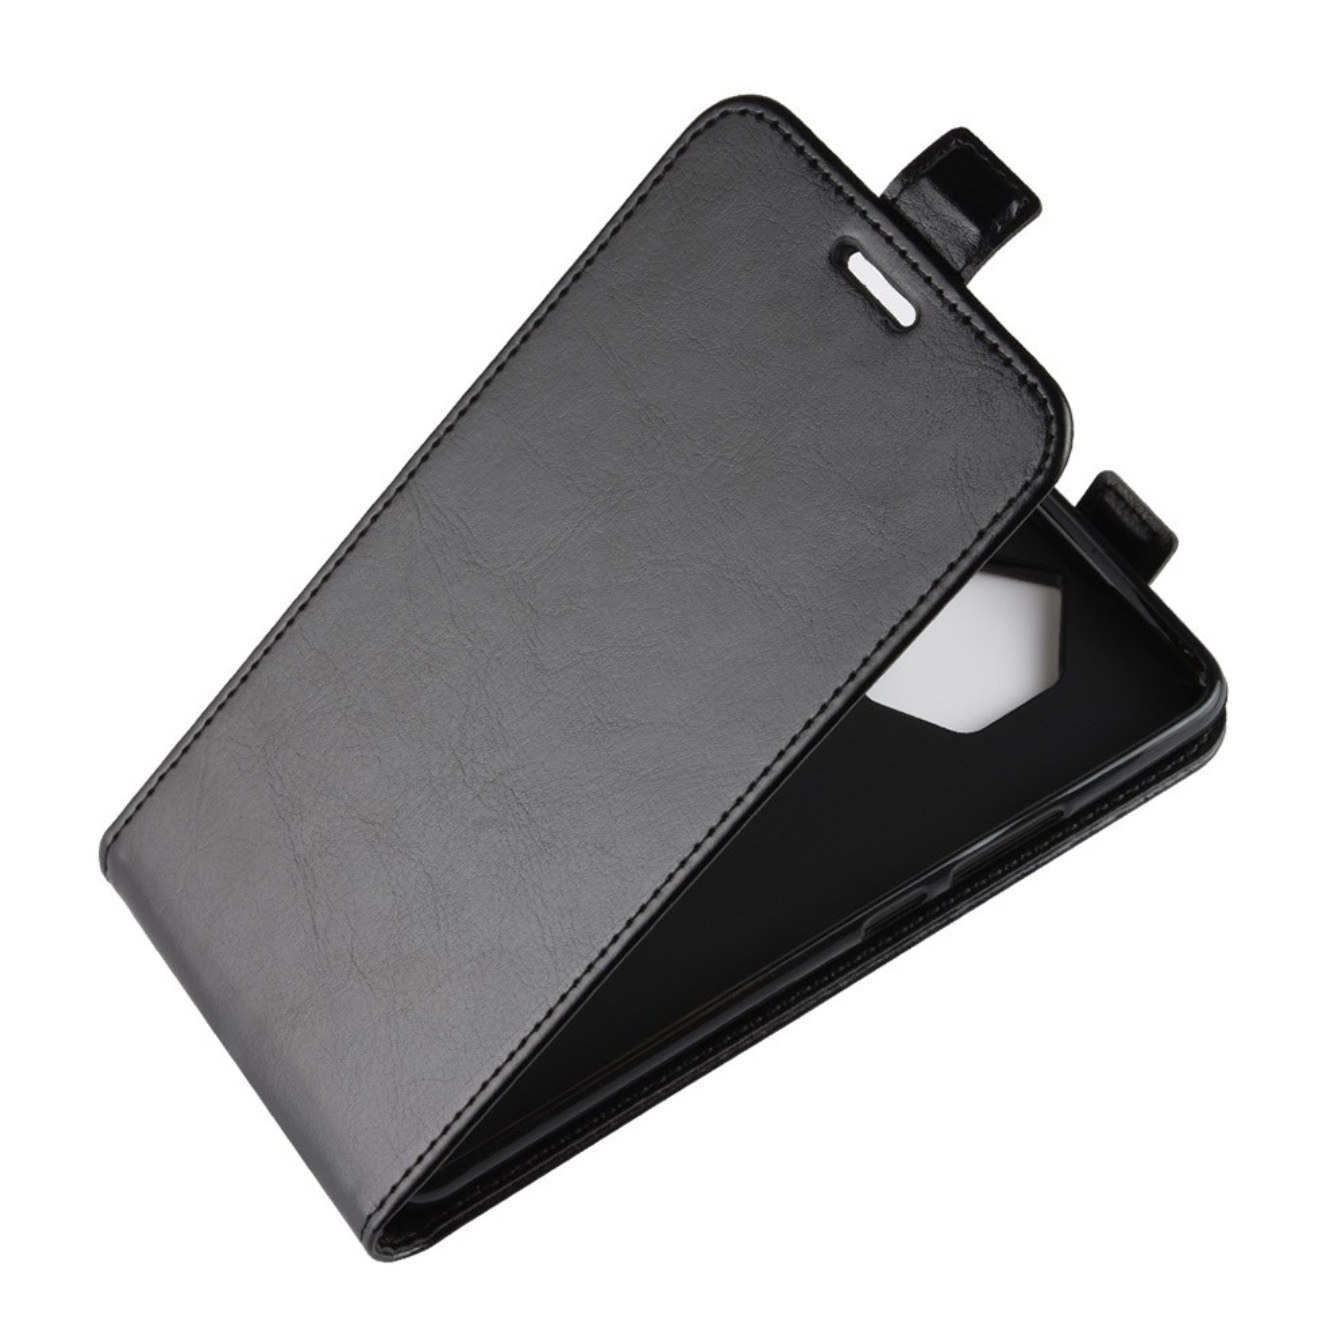 цена на Чехол-флип MyPads для HTC One M7 Dual Sim (801s) вертикальный откидной черный